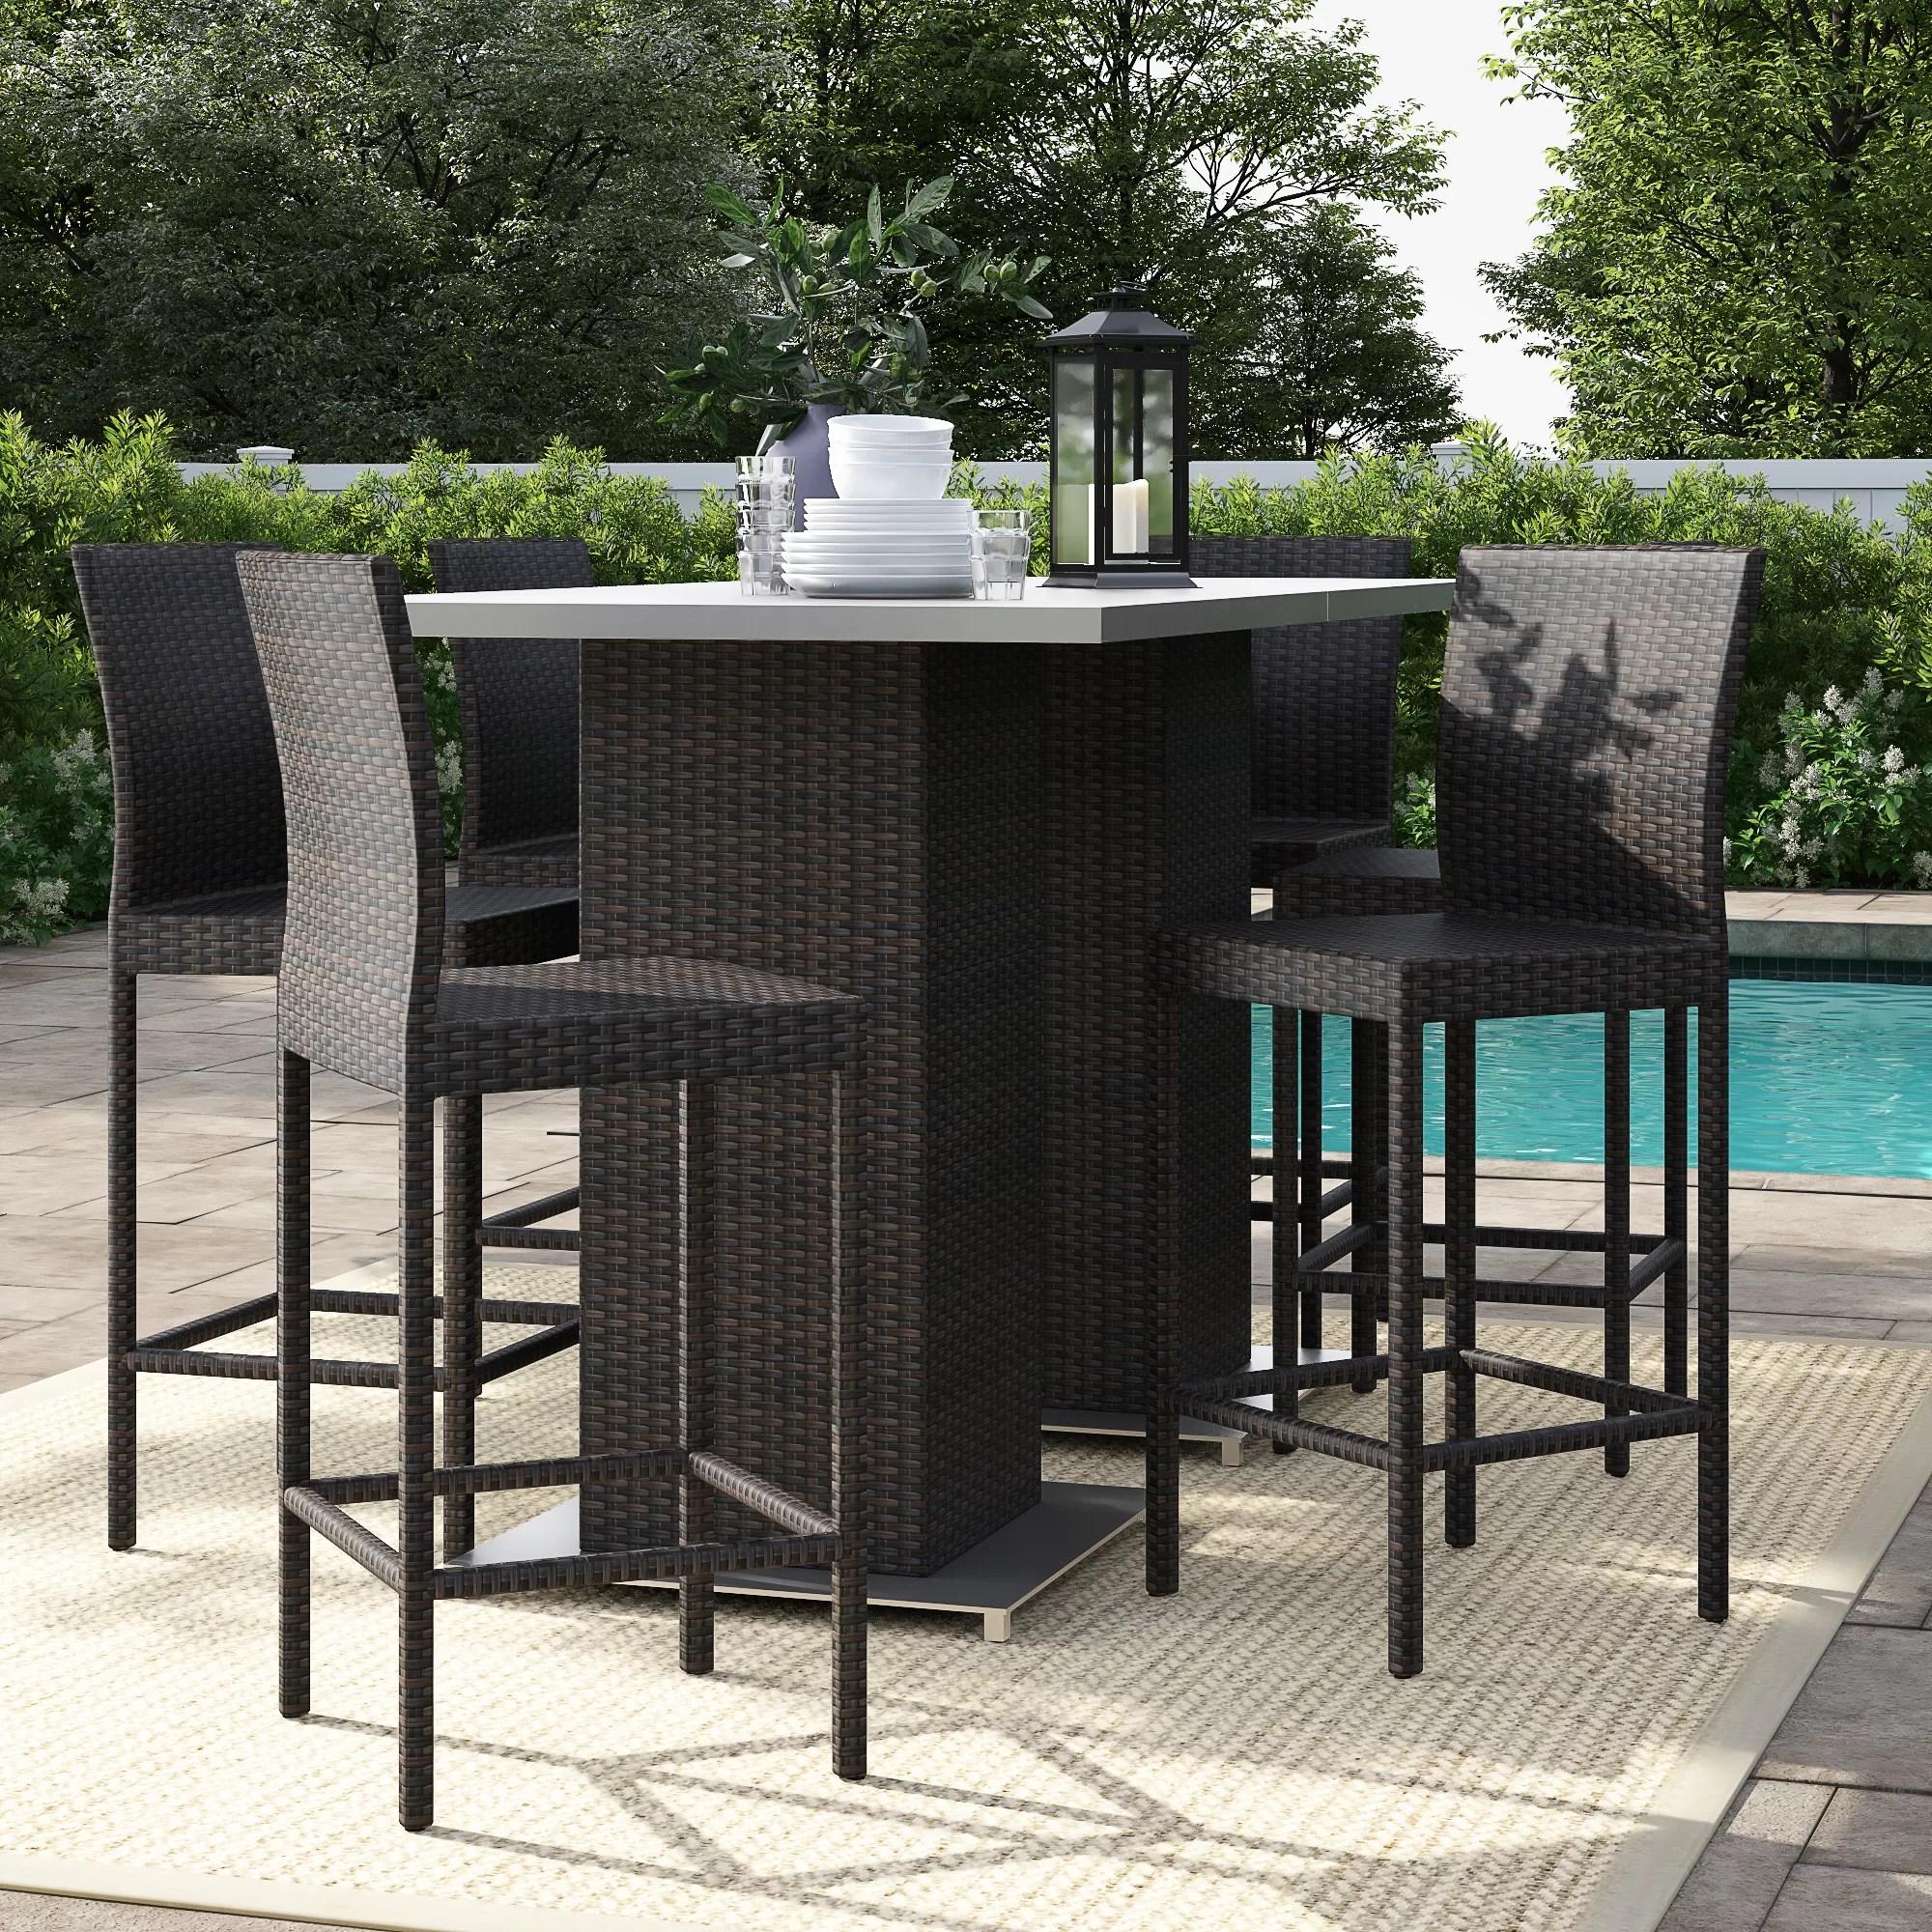 Sol 72 Outdoor Fernando 8 Piece Bar Height Dining Set